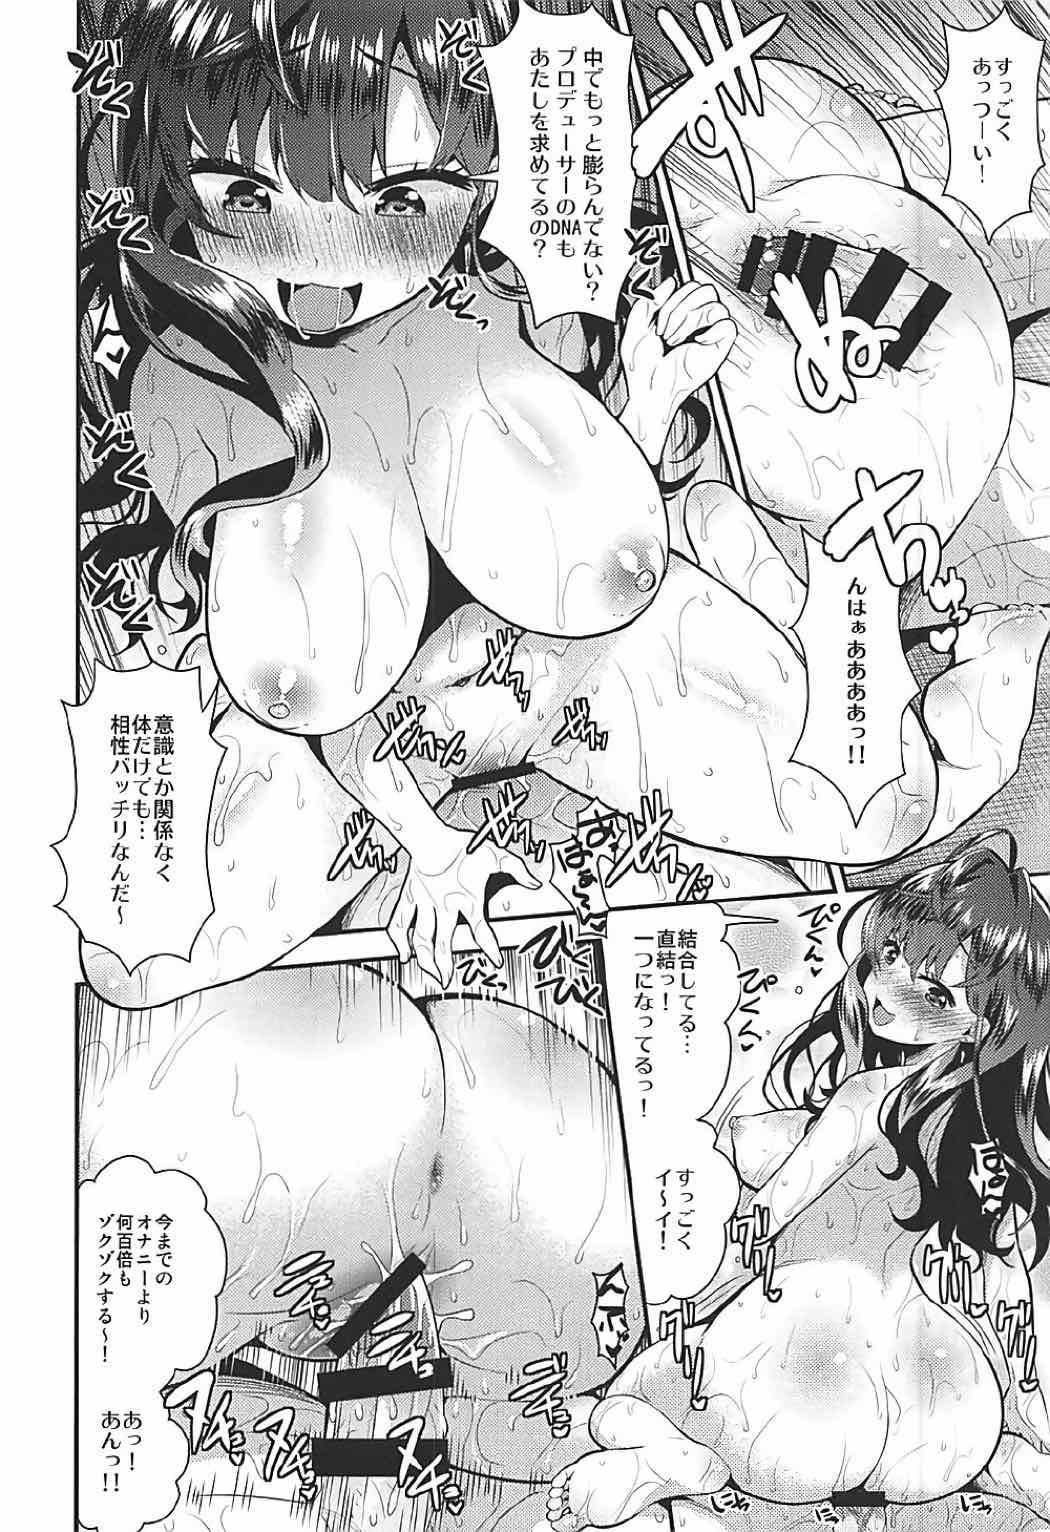 Shiki-nyan wa Producer de Lotion Onanie ga Yamerarenai! 12